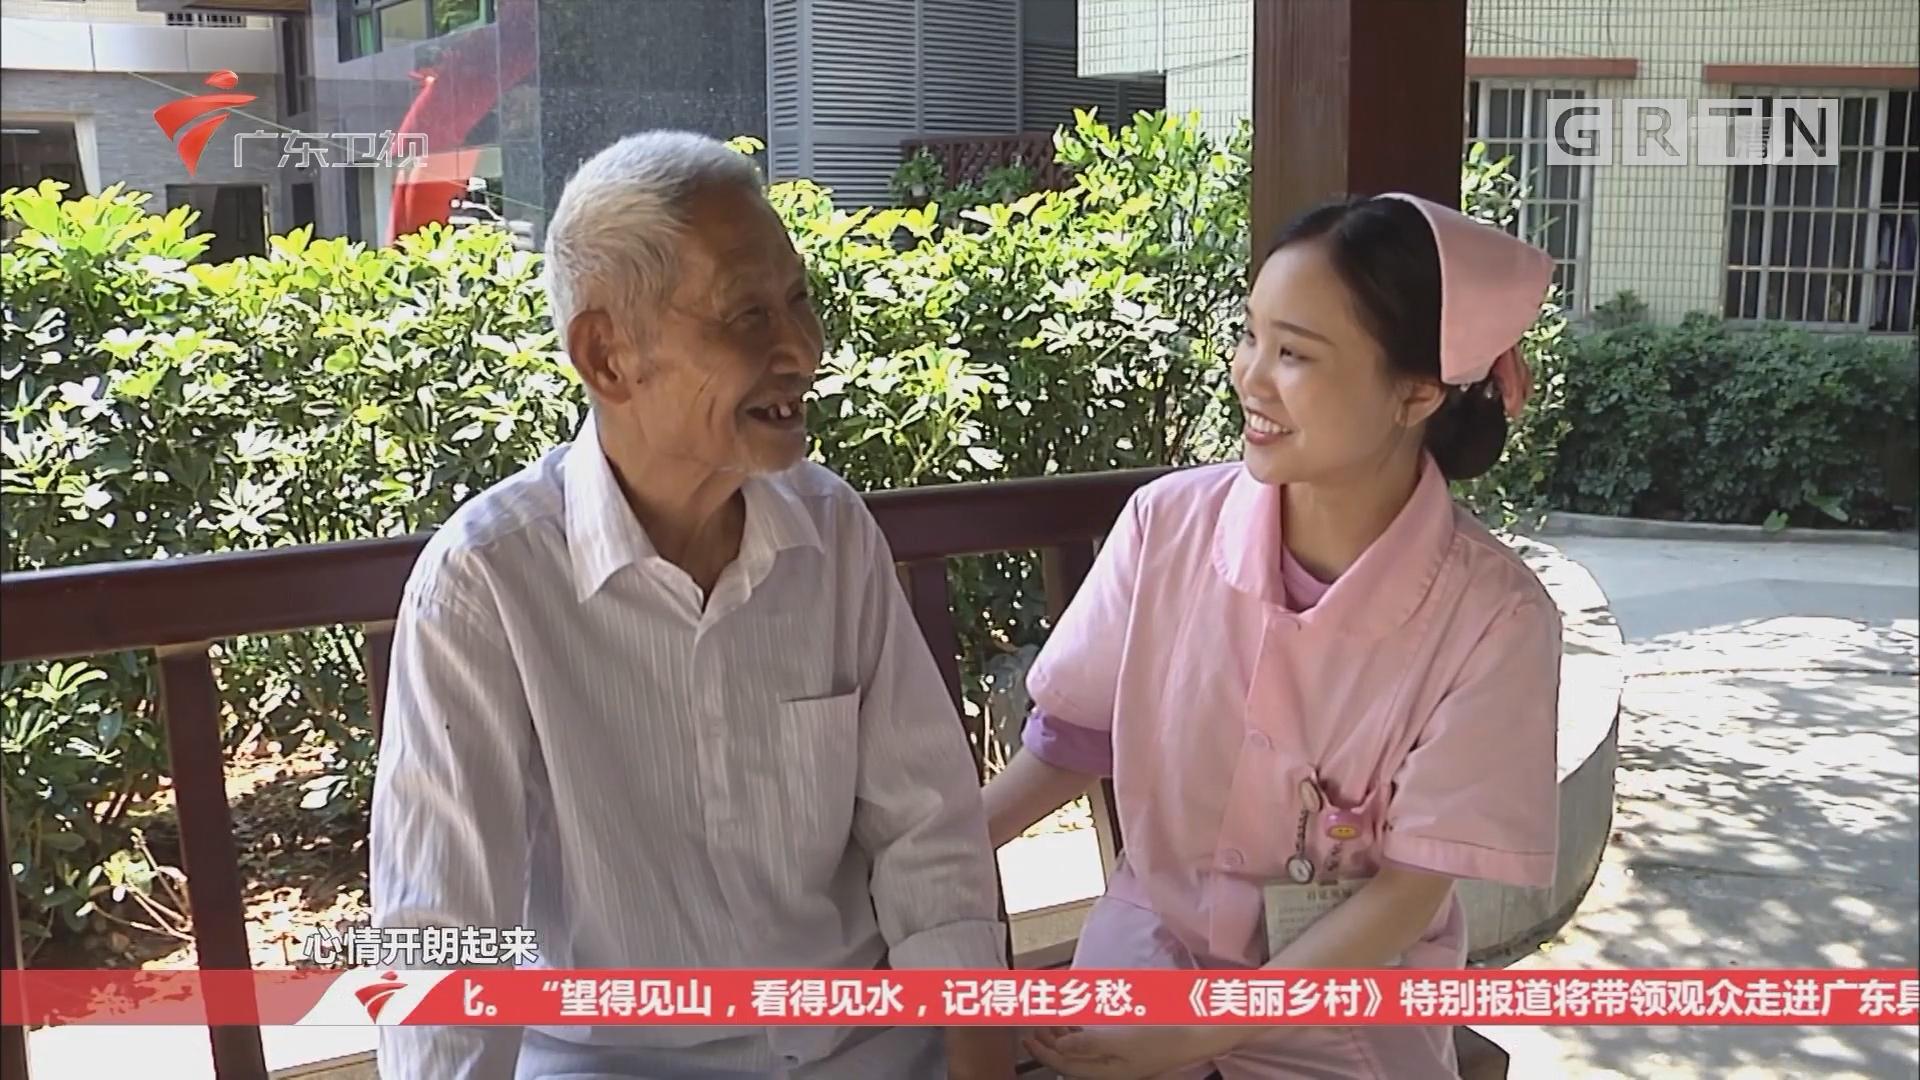 广州天河:老人的家——珠吉养老院